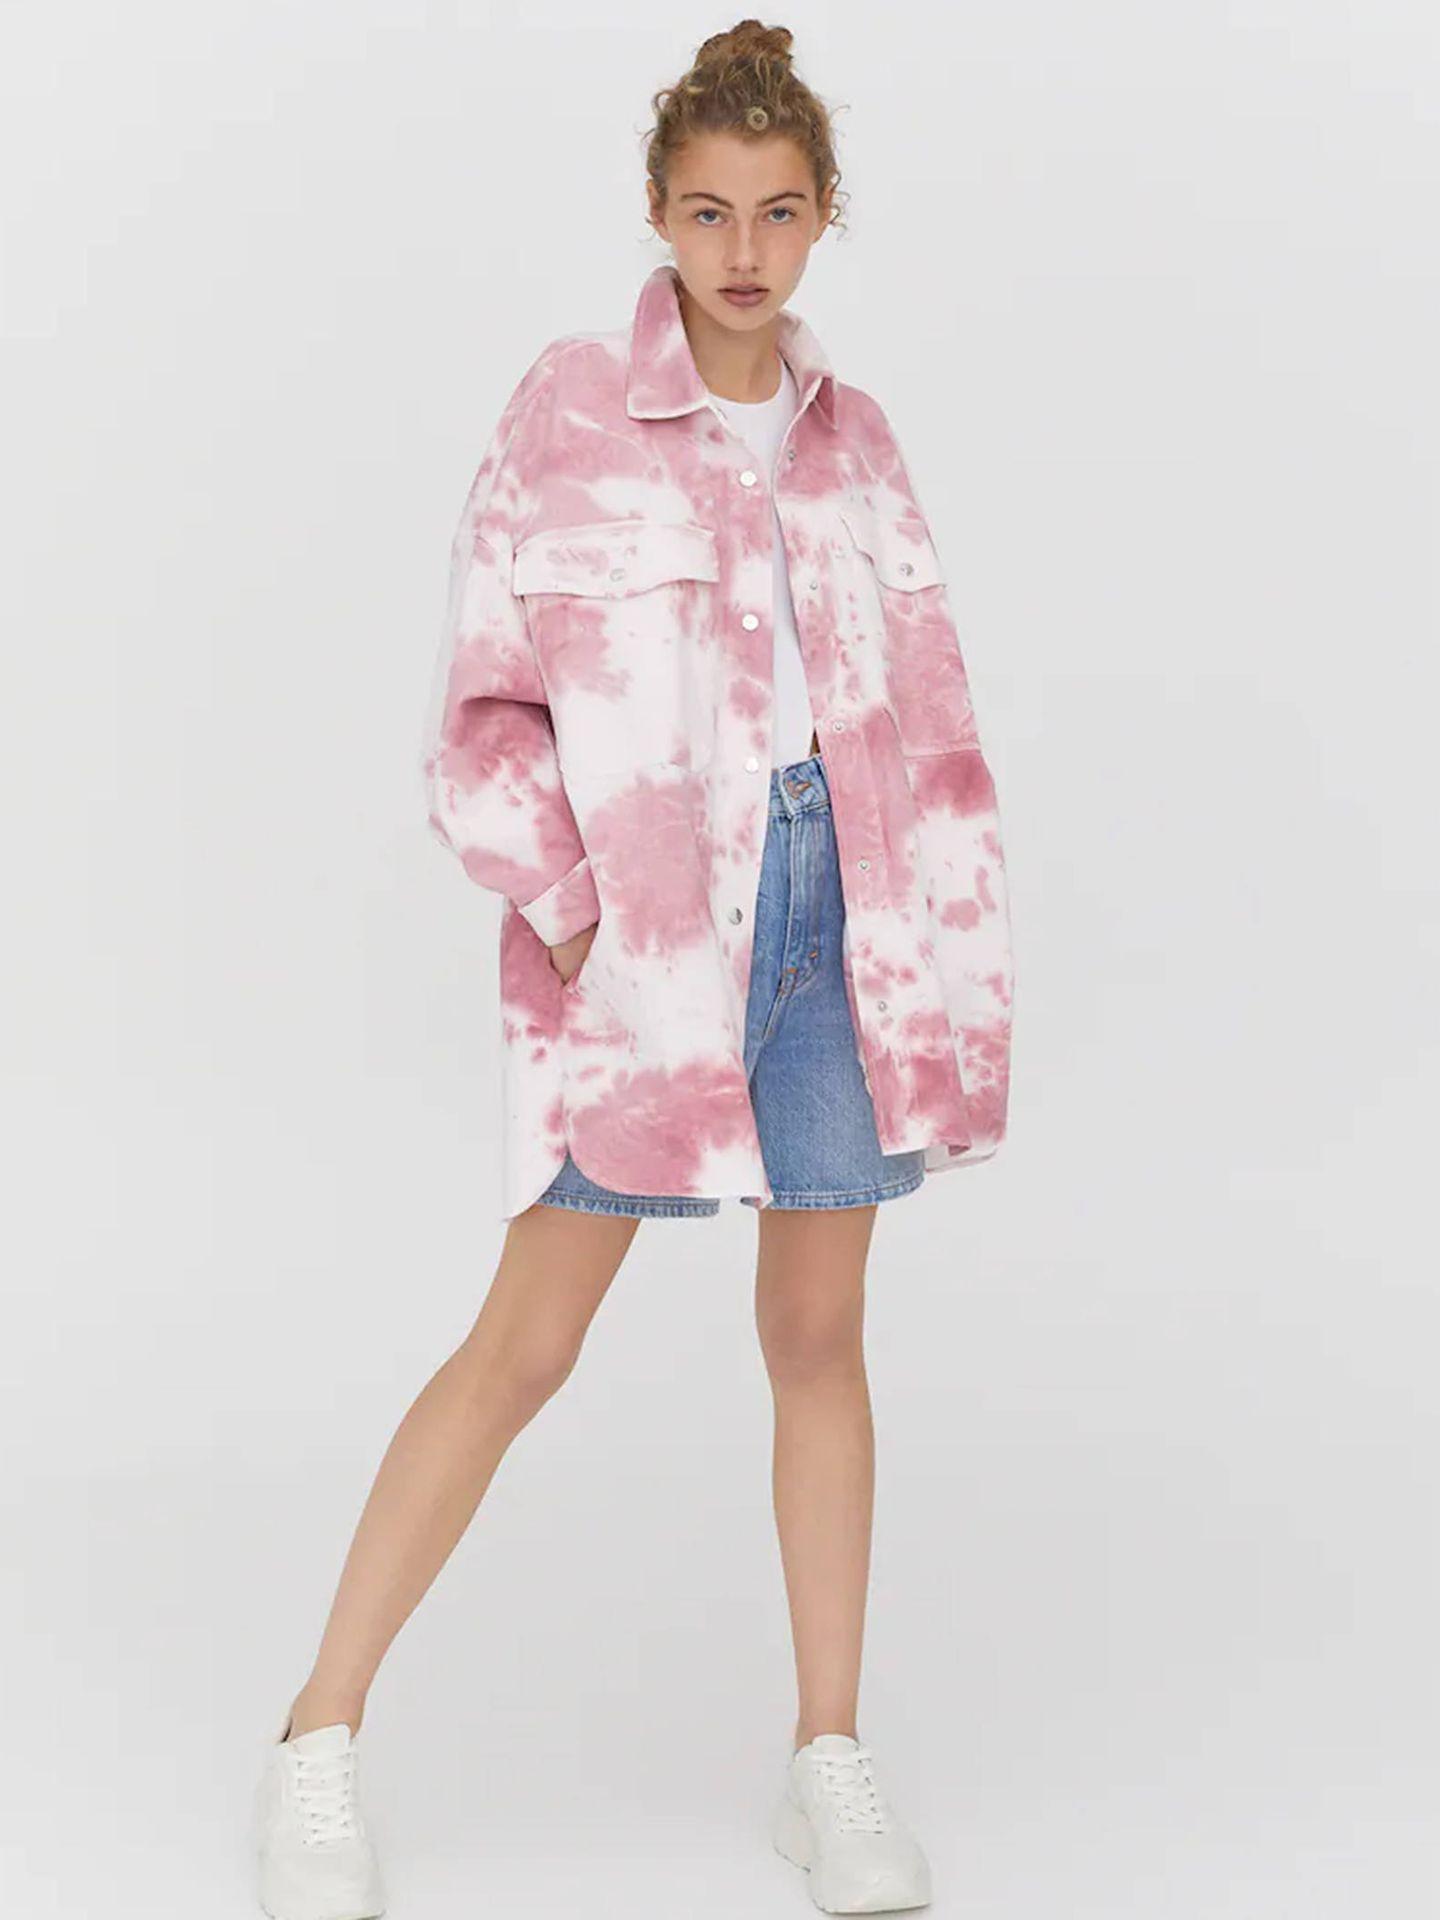 Sobrecamisa tie-dye de Pull and Bear en rosa. (Cortesía)